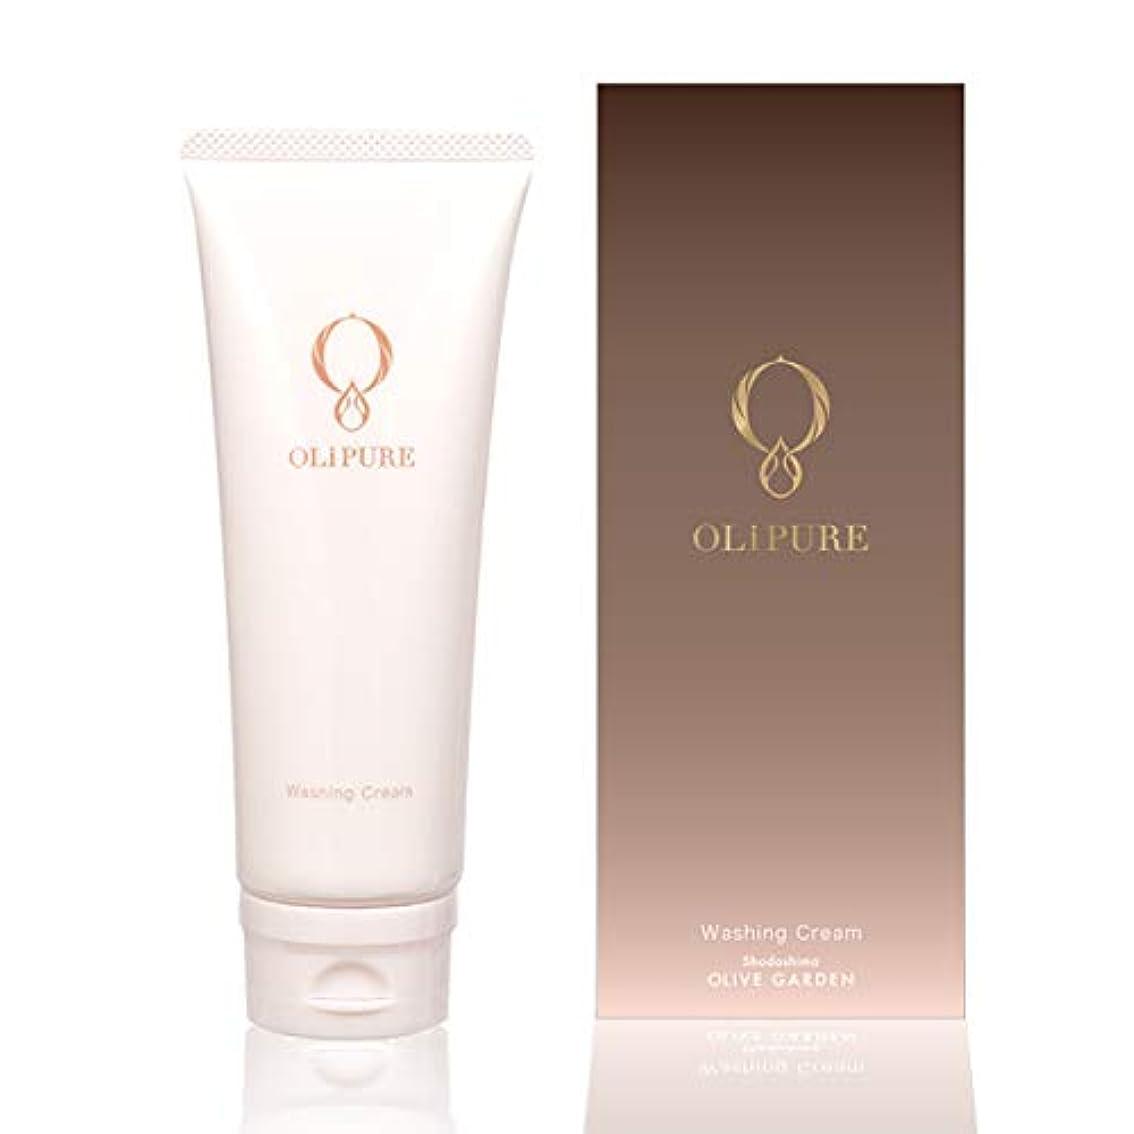 教科書輪郭腐ったオリピュア ウォッシングクリーム100g 洗顔 OLiPURE Washing Cream